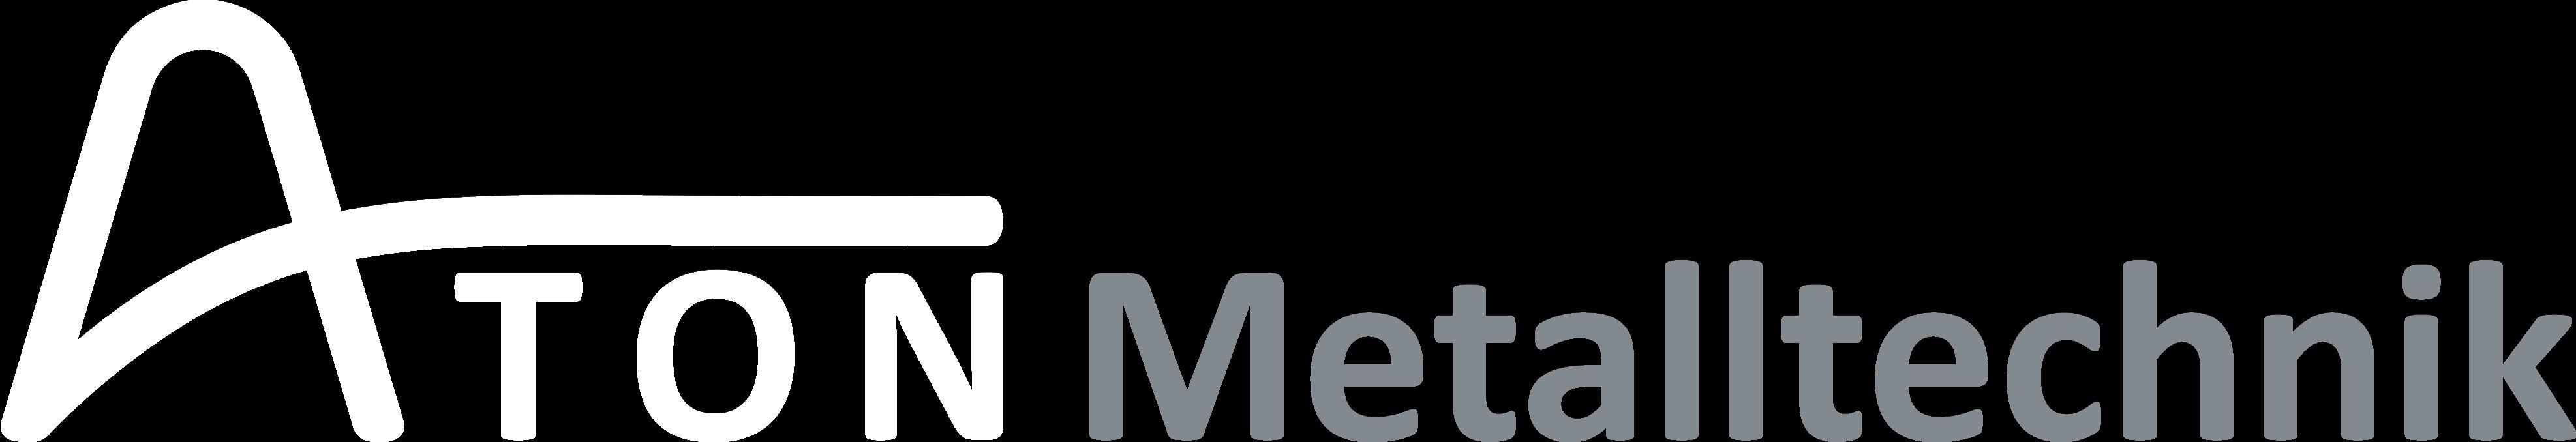 Aton Metalltechnik